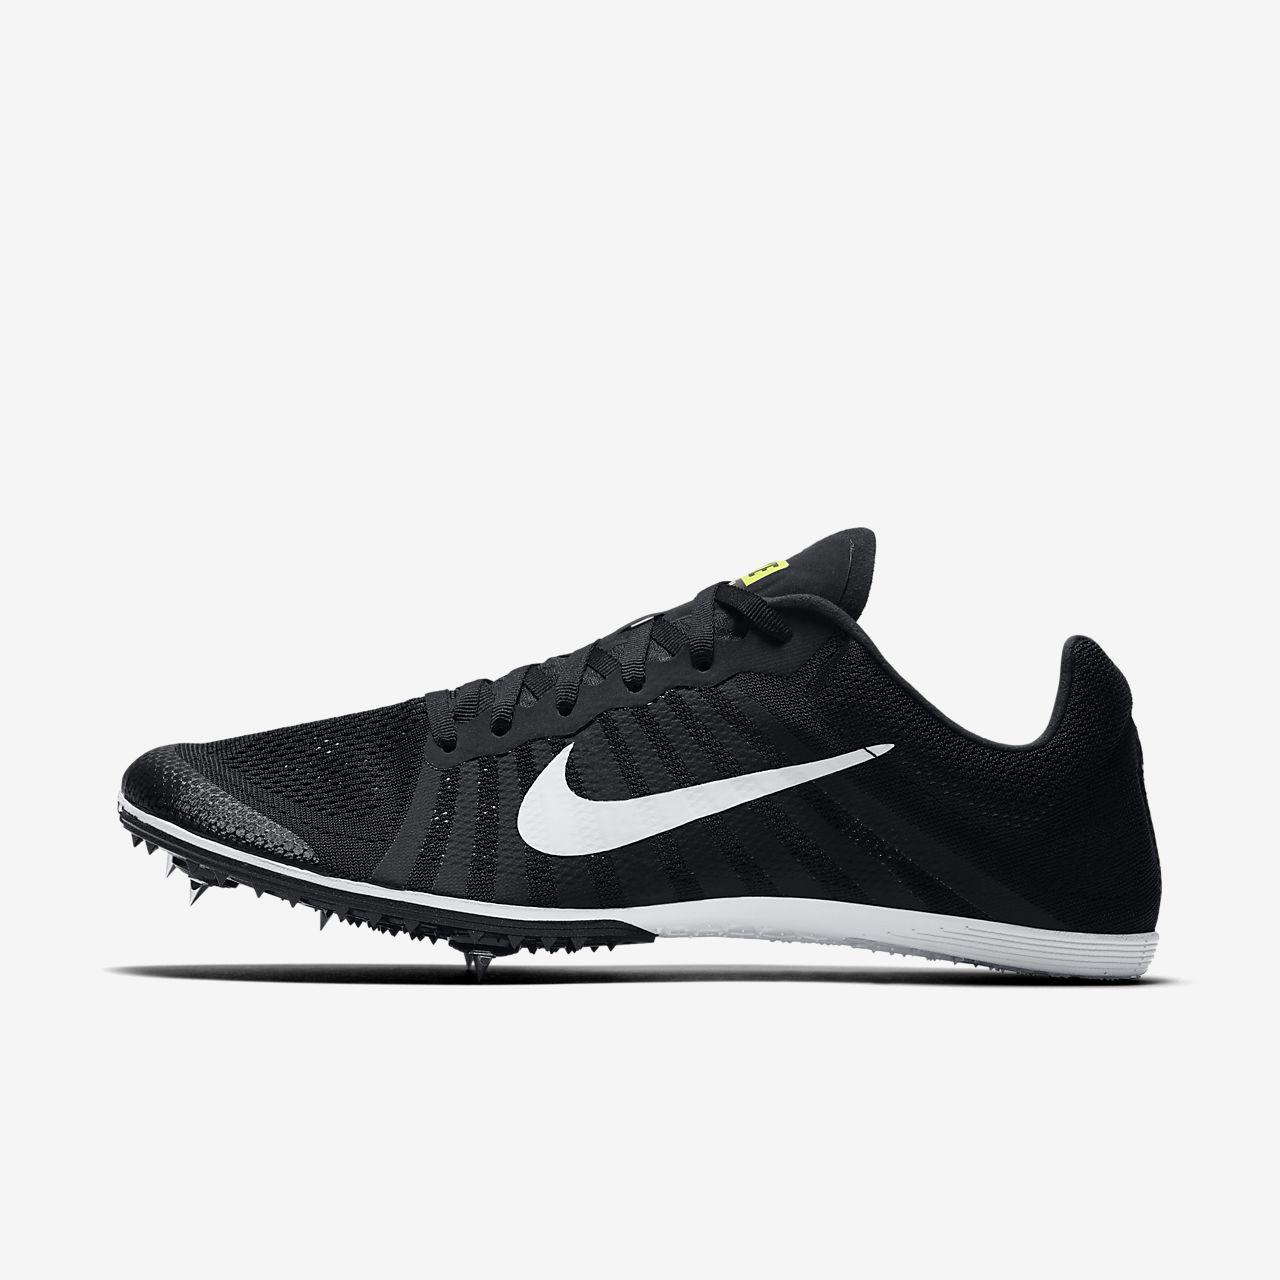 652e536cdfbbd5 Nike Zoom D Unisex Distance Spike. Nike.com BE